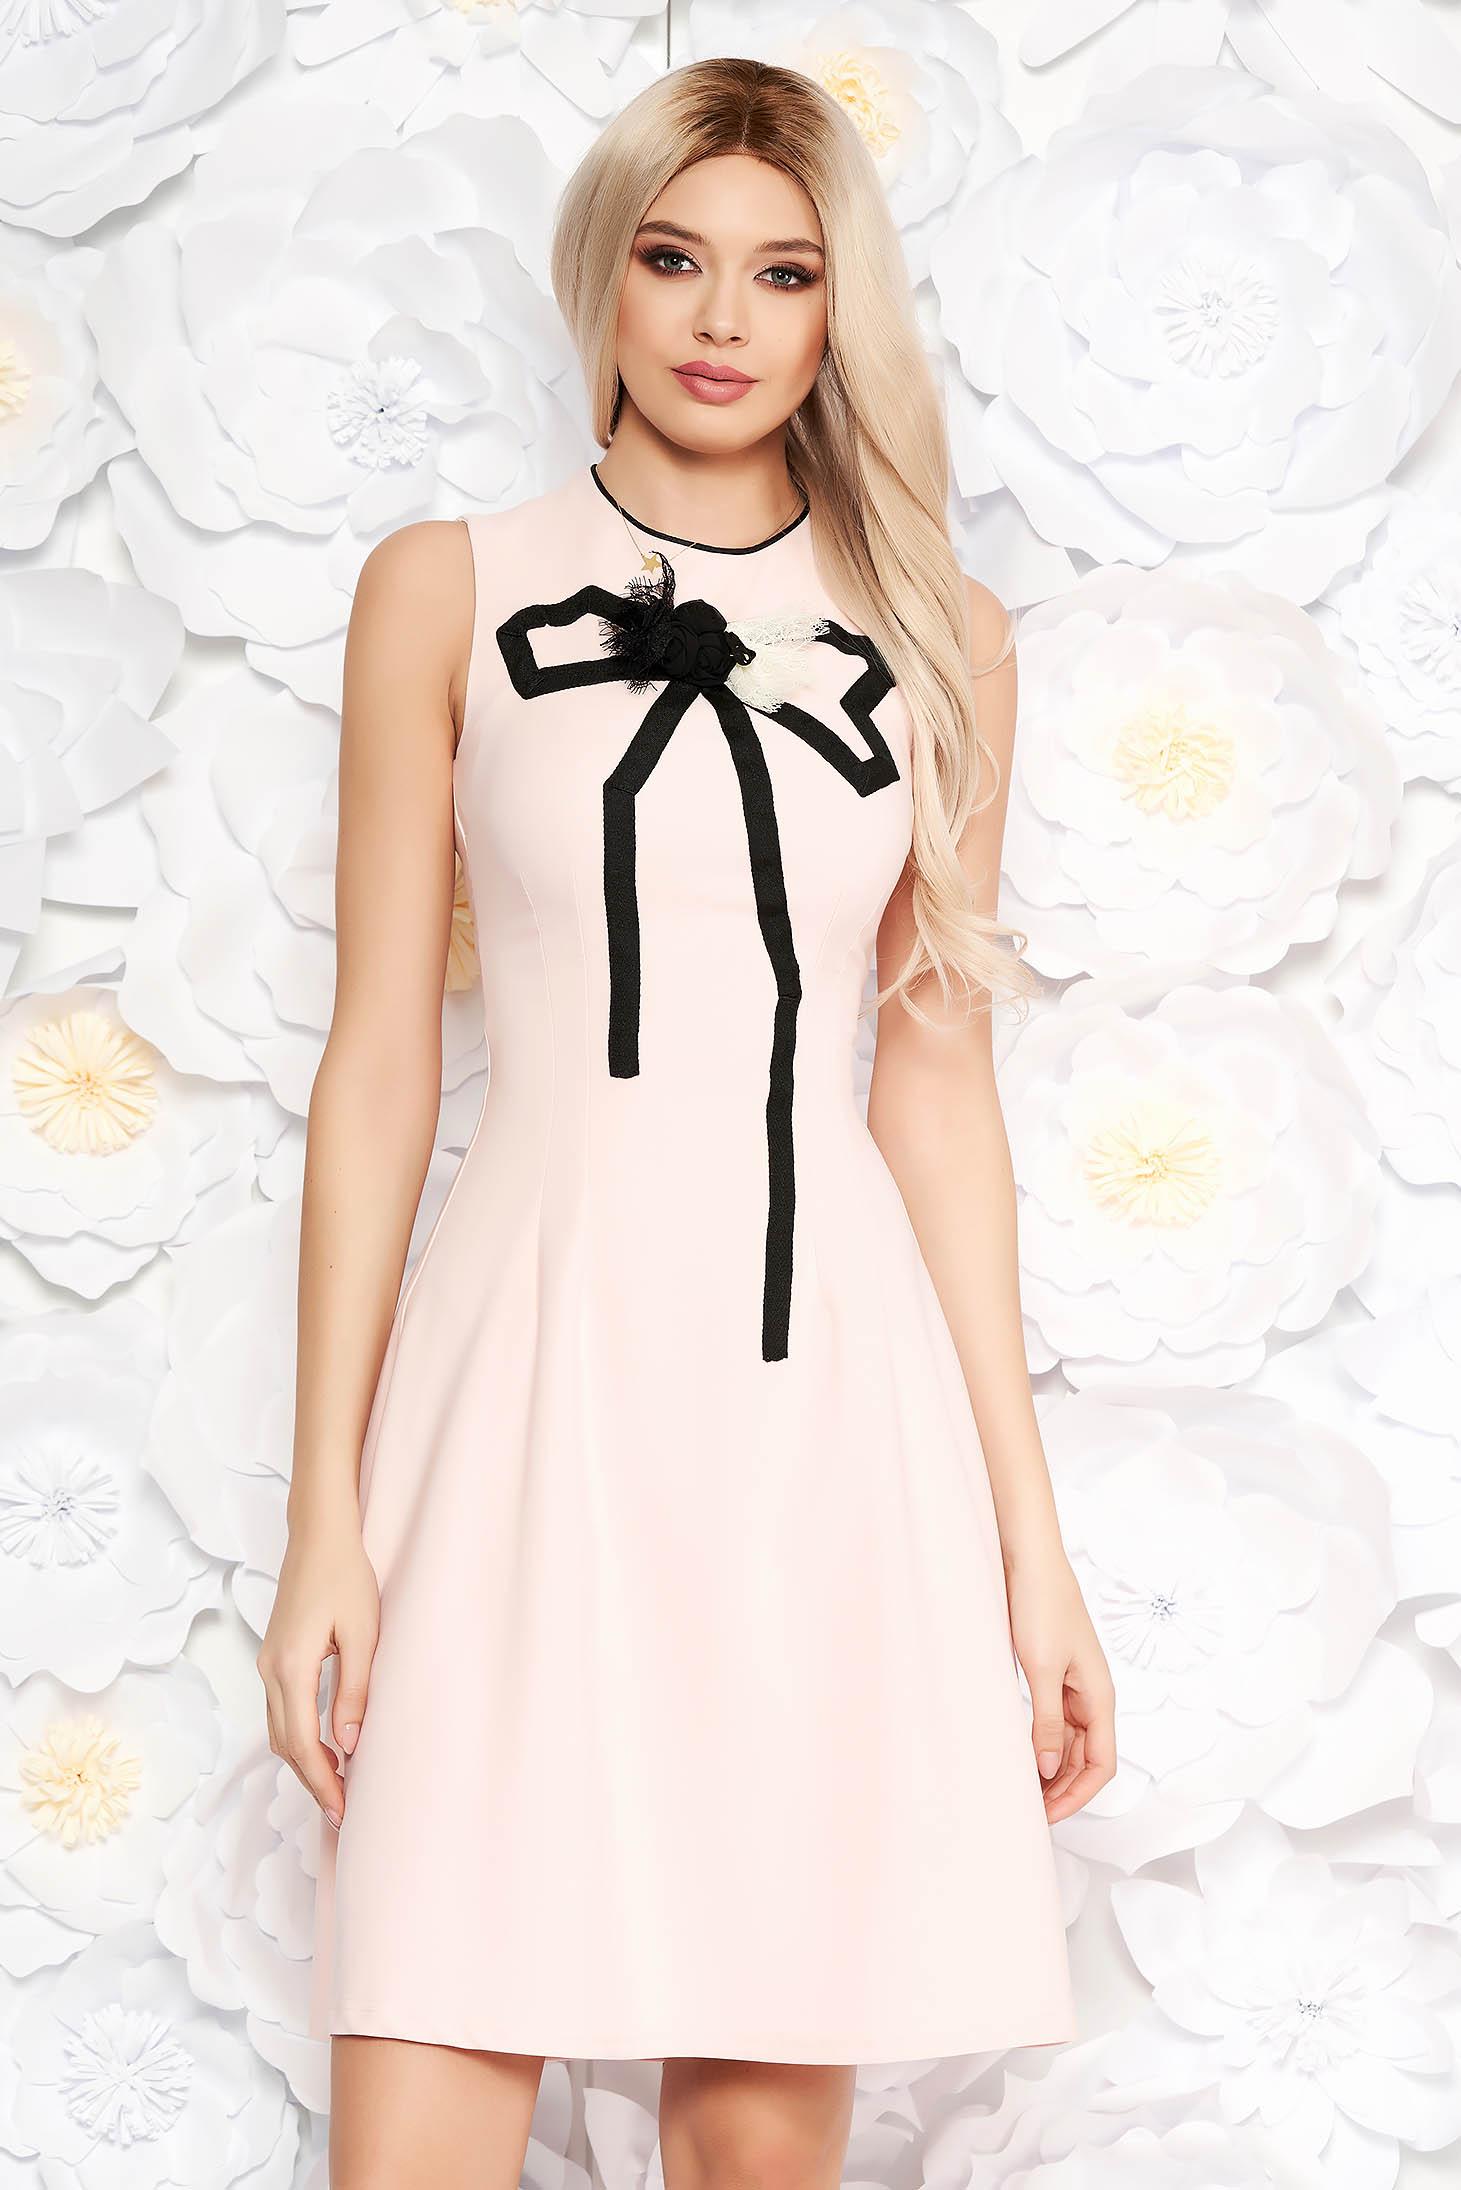 Világos rózsaszín Artista elegáns harang ruha enyhén rugalmas anyag kézzel varrott díszítésekk